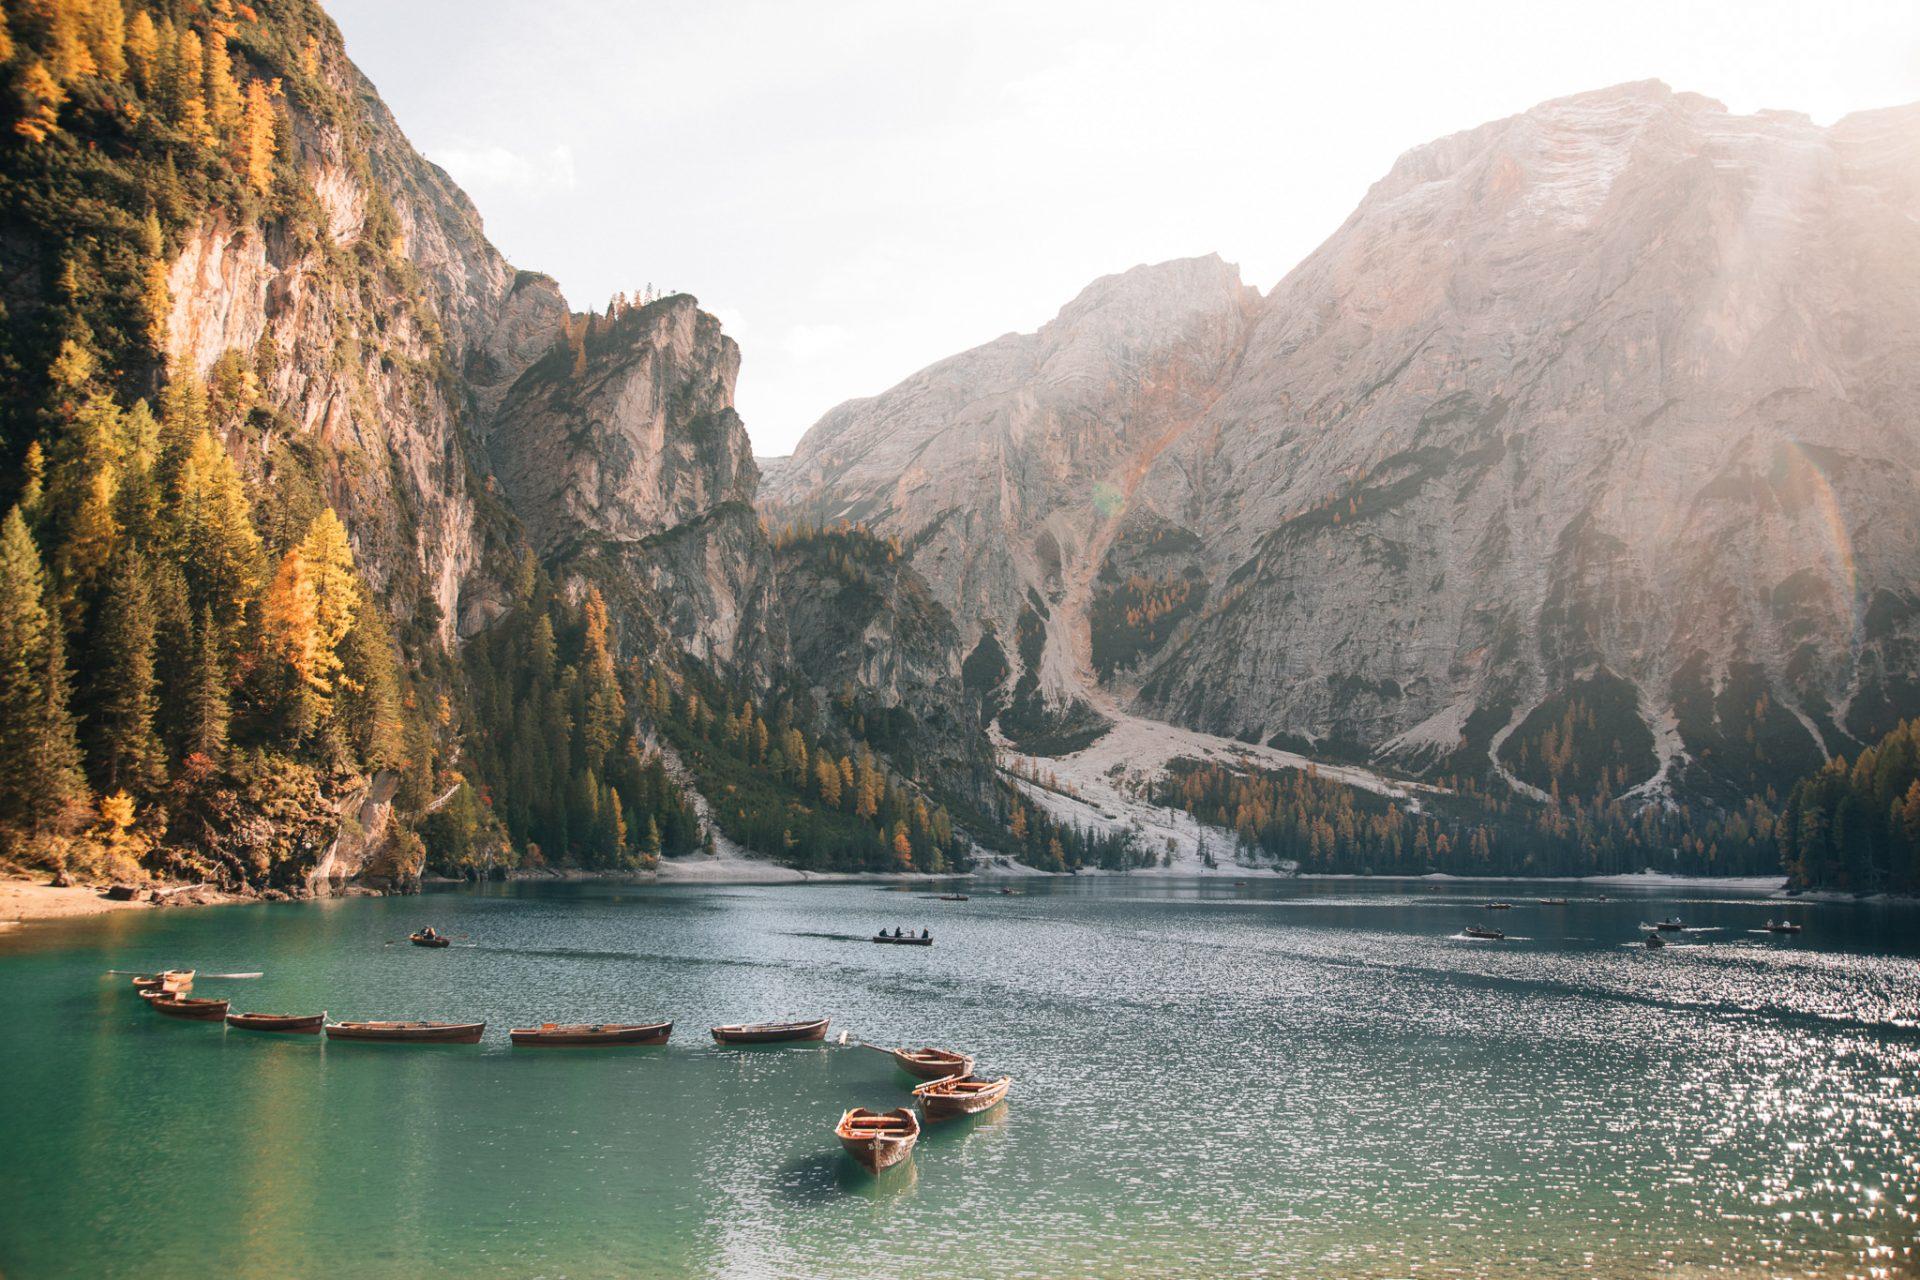 lago-di-braies-najpiekniejsze-jeziora-dolomity